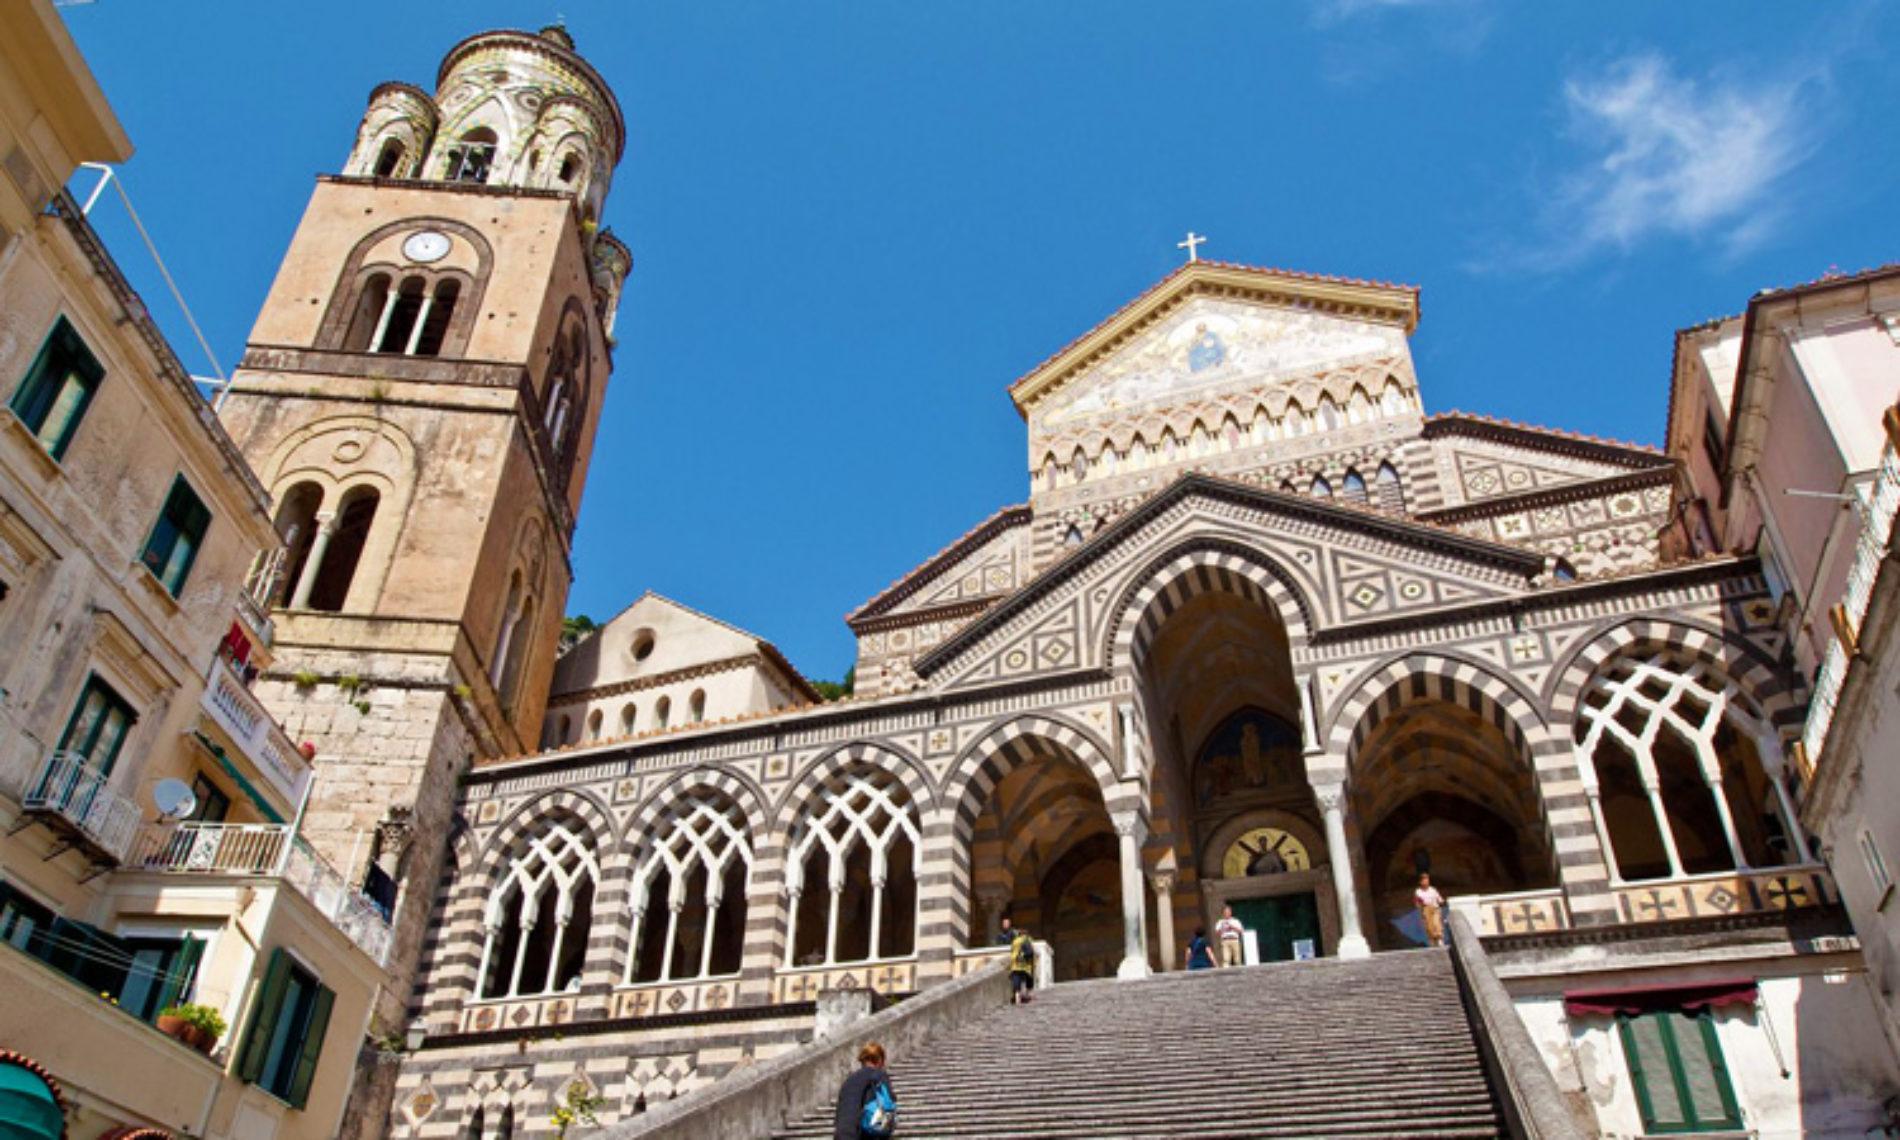 Una perla architettonica nel cuore di Amalfi: la Cattedrale di Sant'Andrea